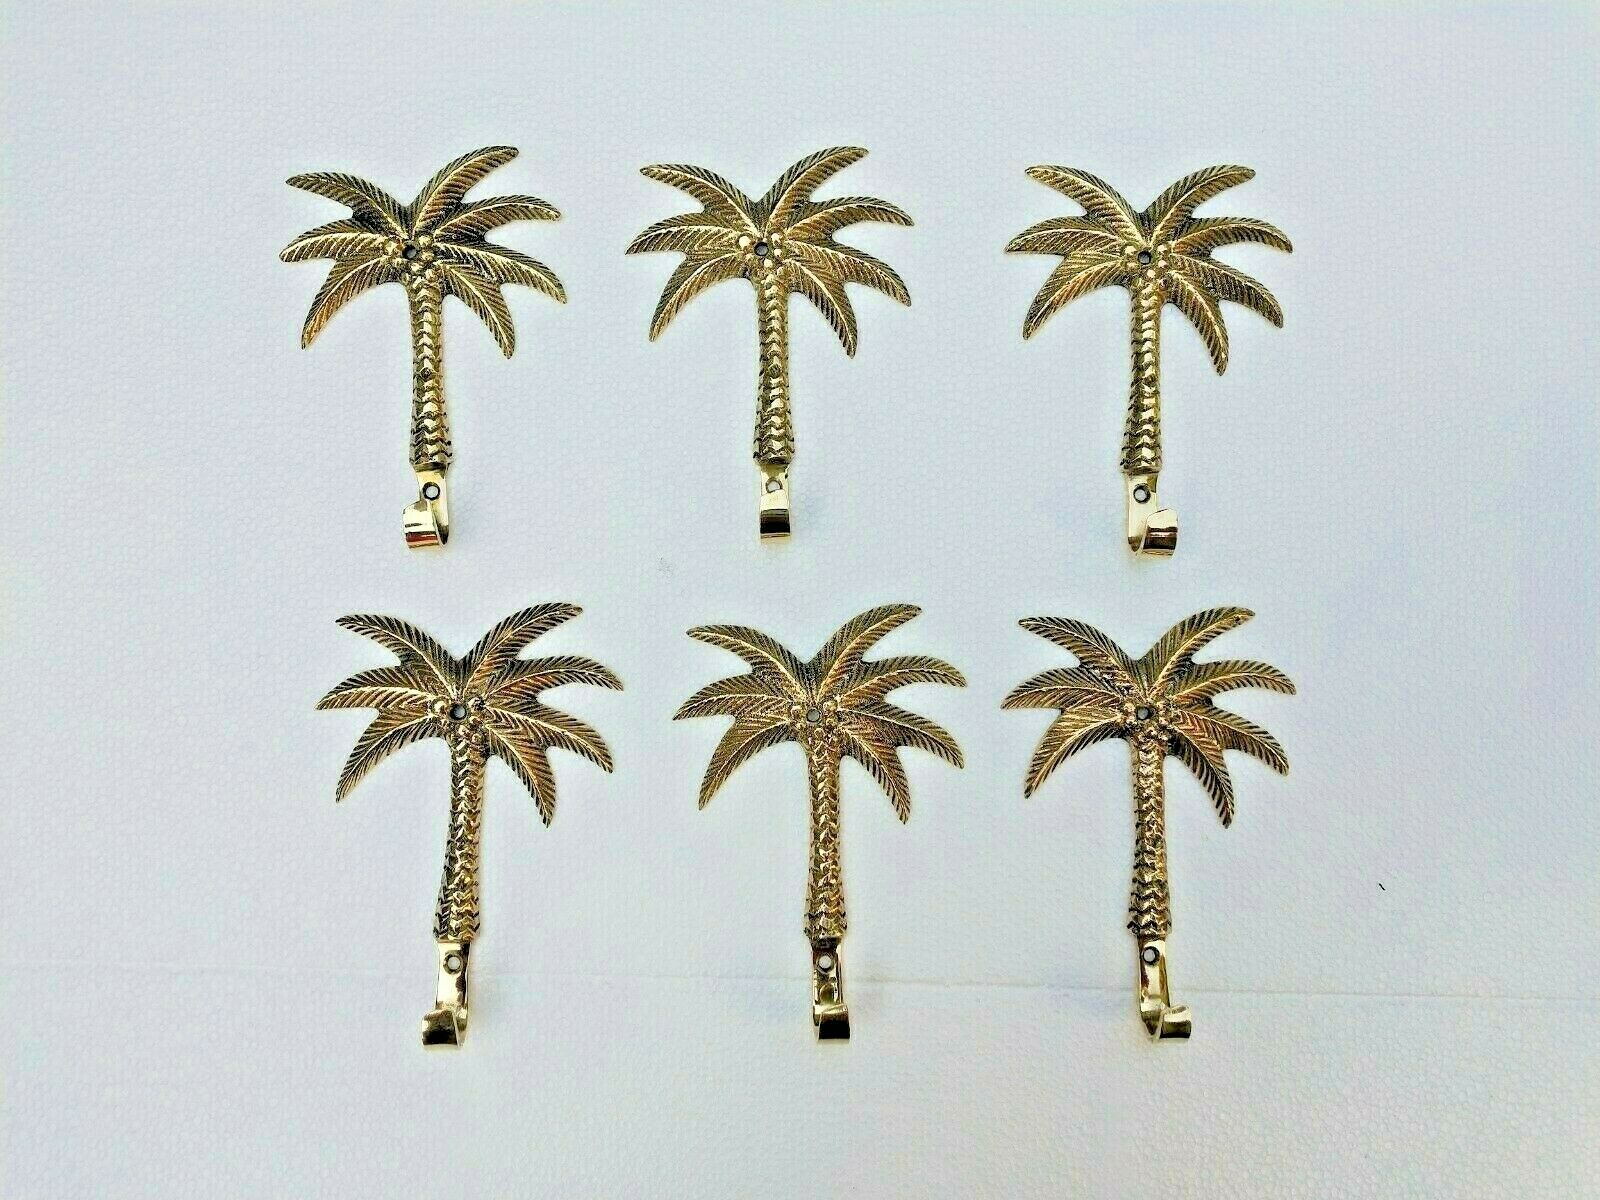 Brass Wall Mount Hooks Palm Tree  Lot of 6 Pcs